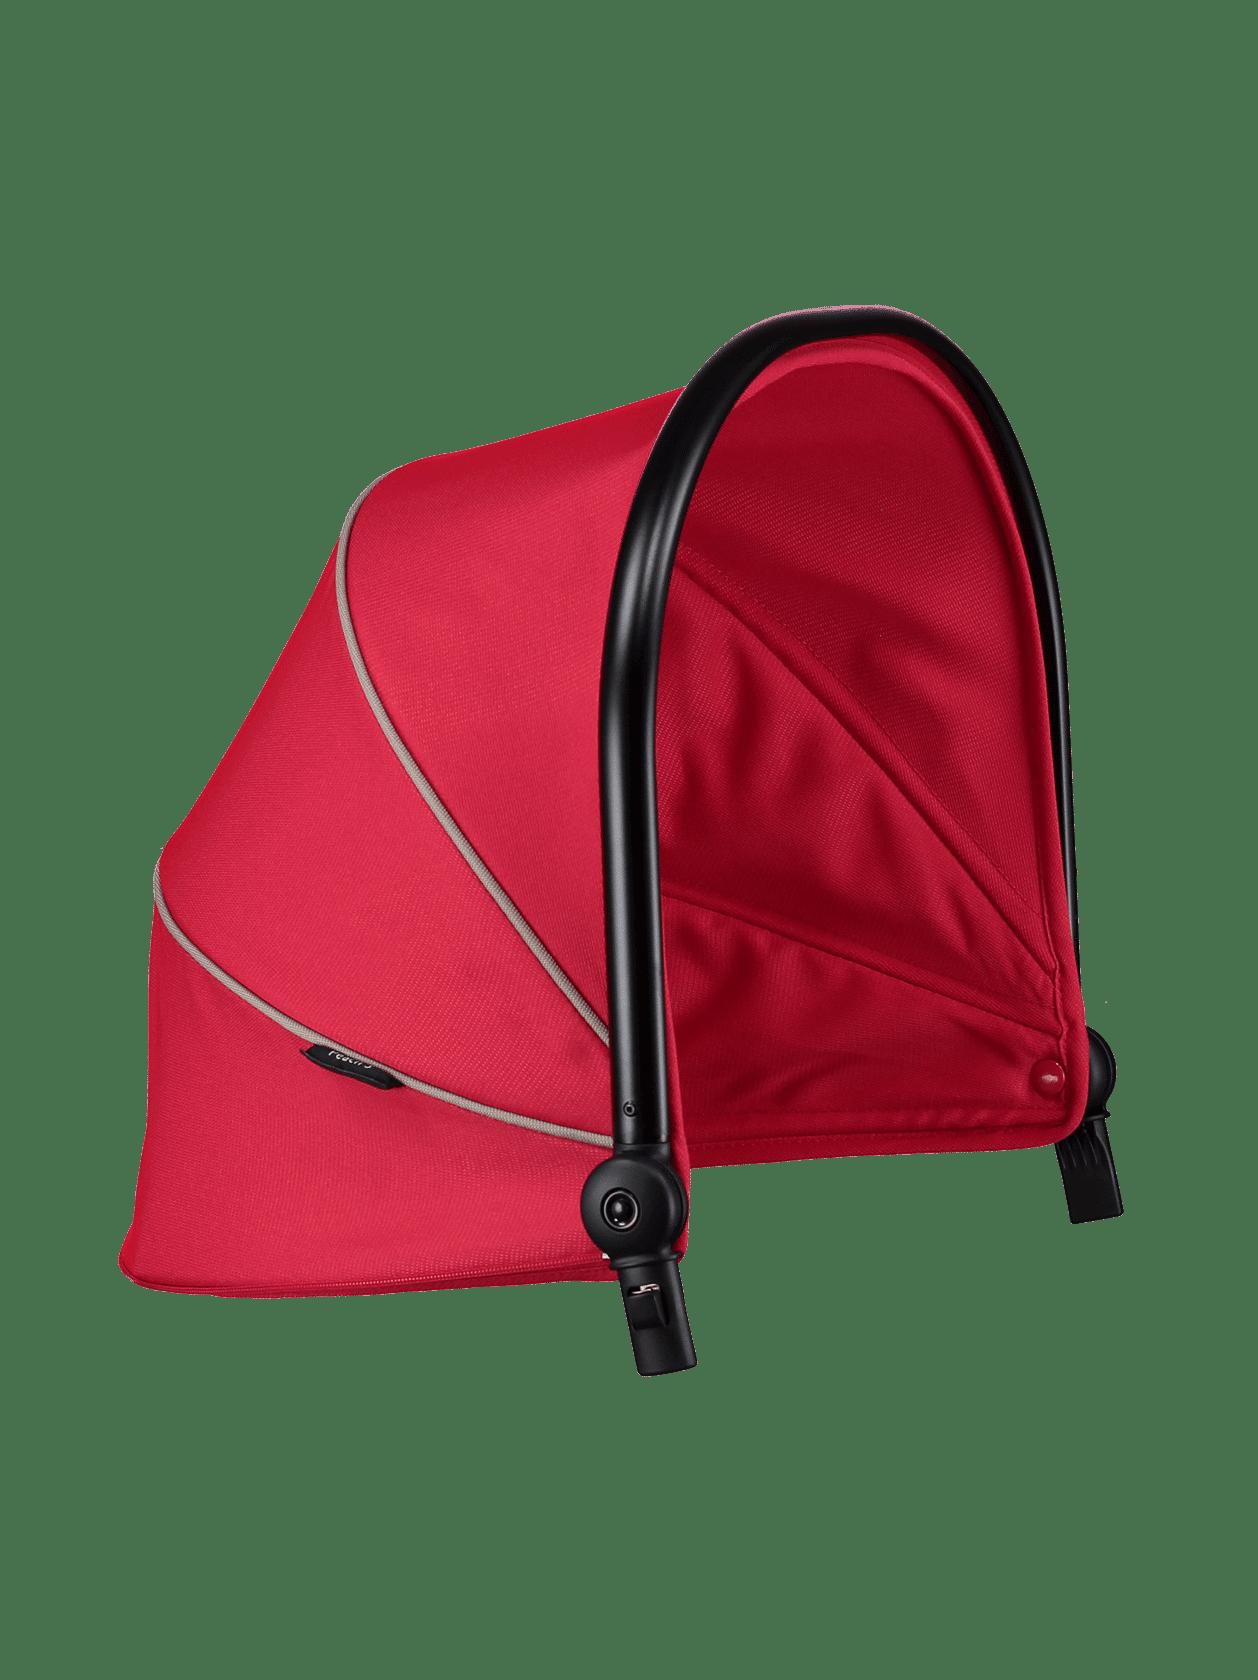 Peach3 Main Seat Hood - Sherbert